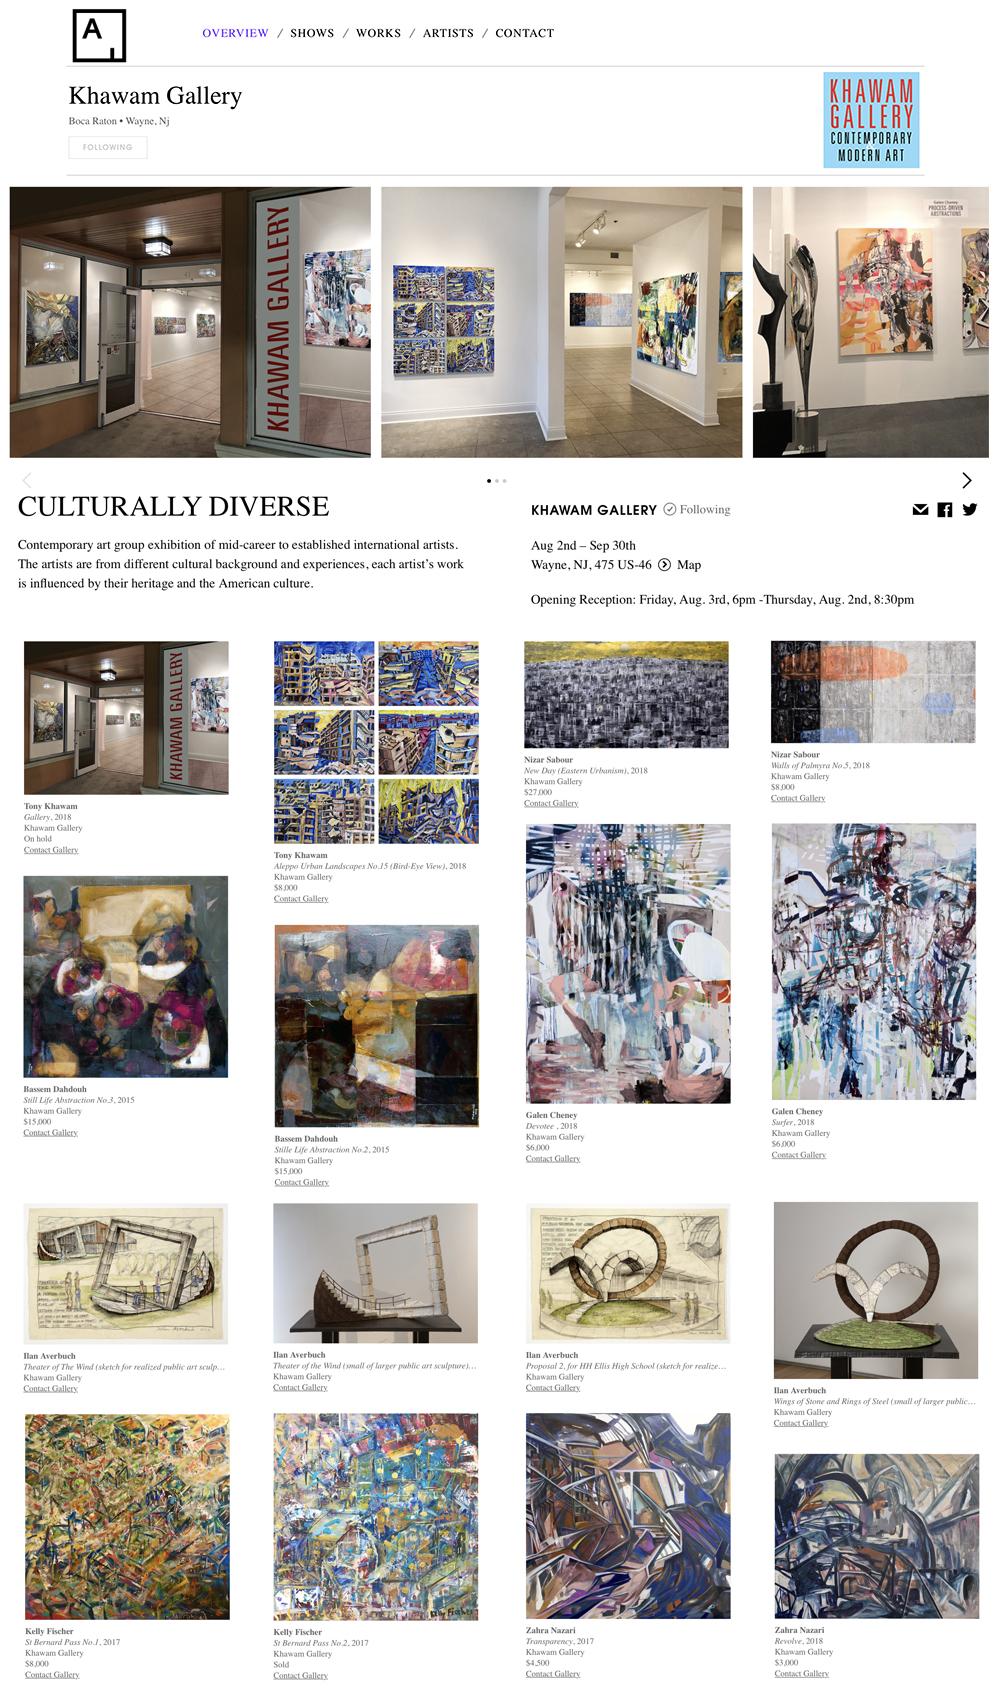 Khawam Gallery-Artsy-Culturally Diverse Exhibit